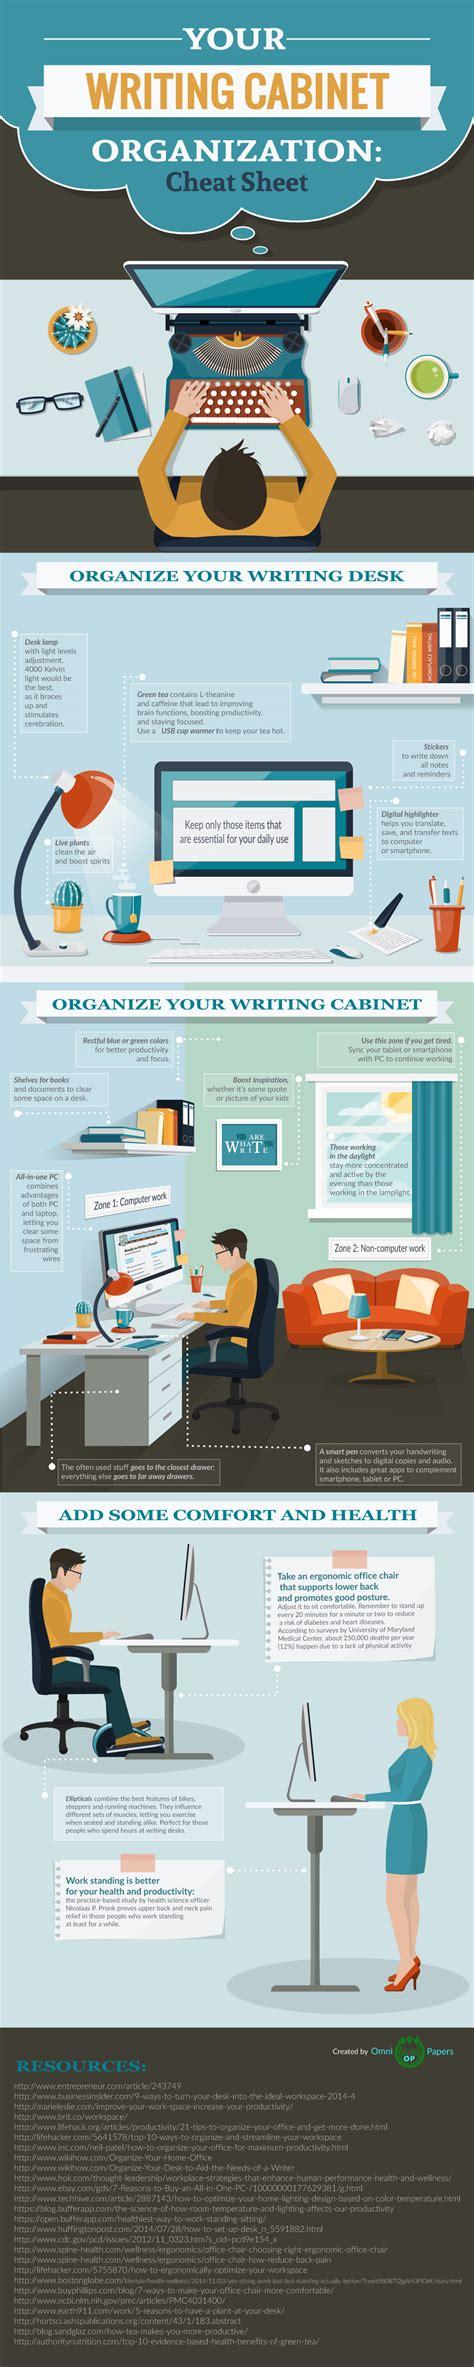 bureau d ecrivain ordonner bureau d 39 écrivain pour optimiser travail